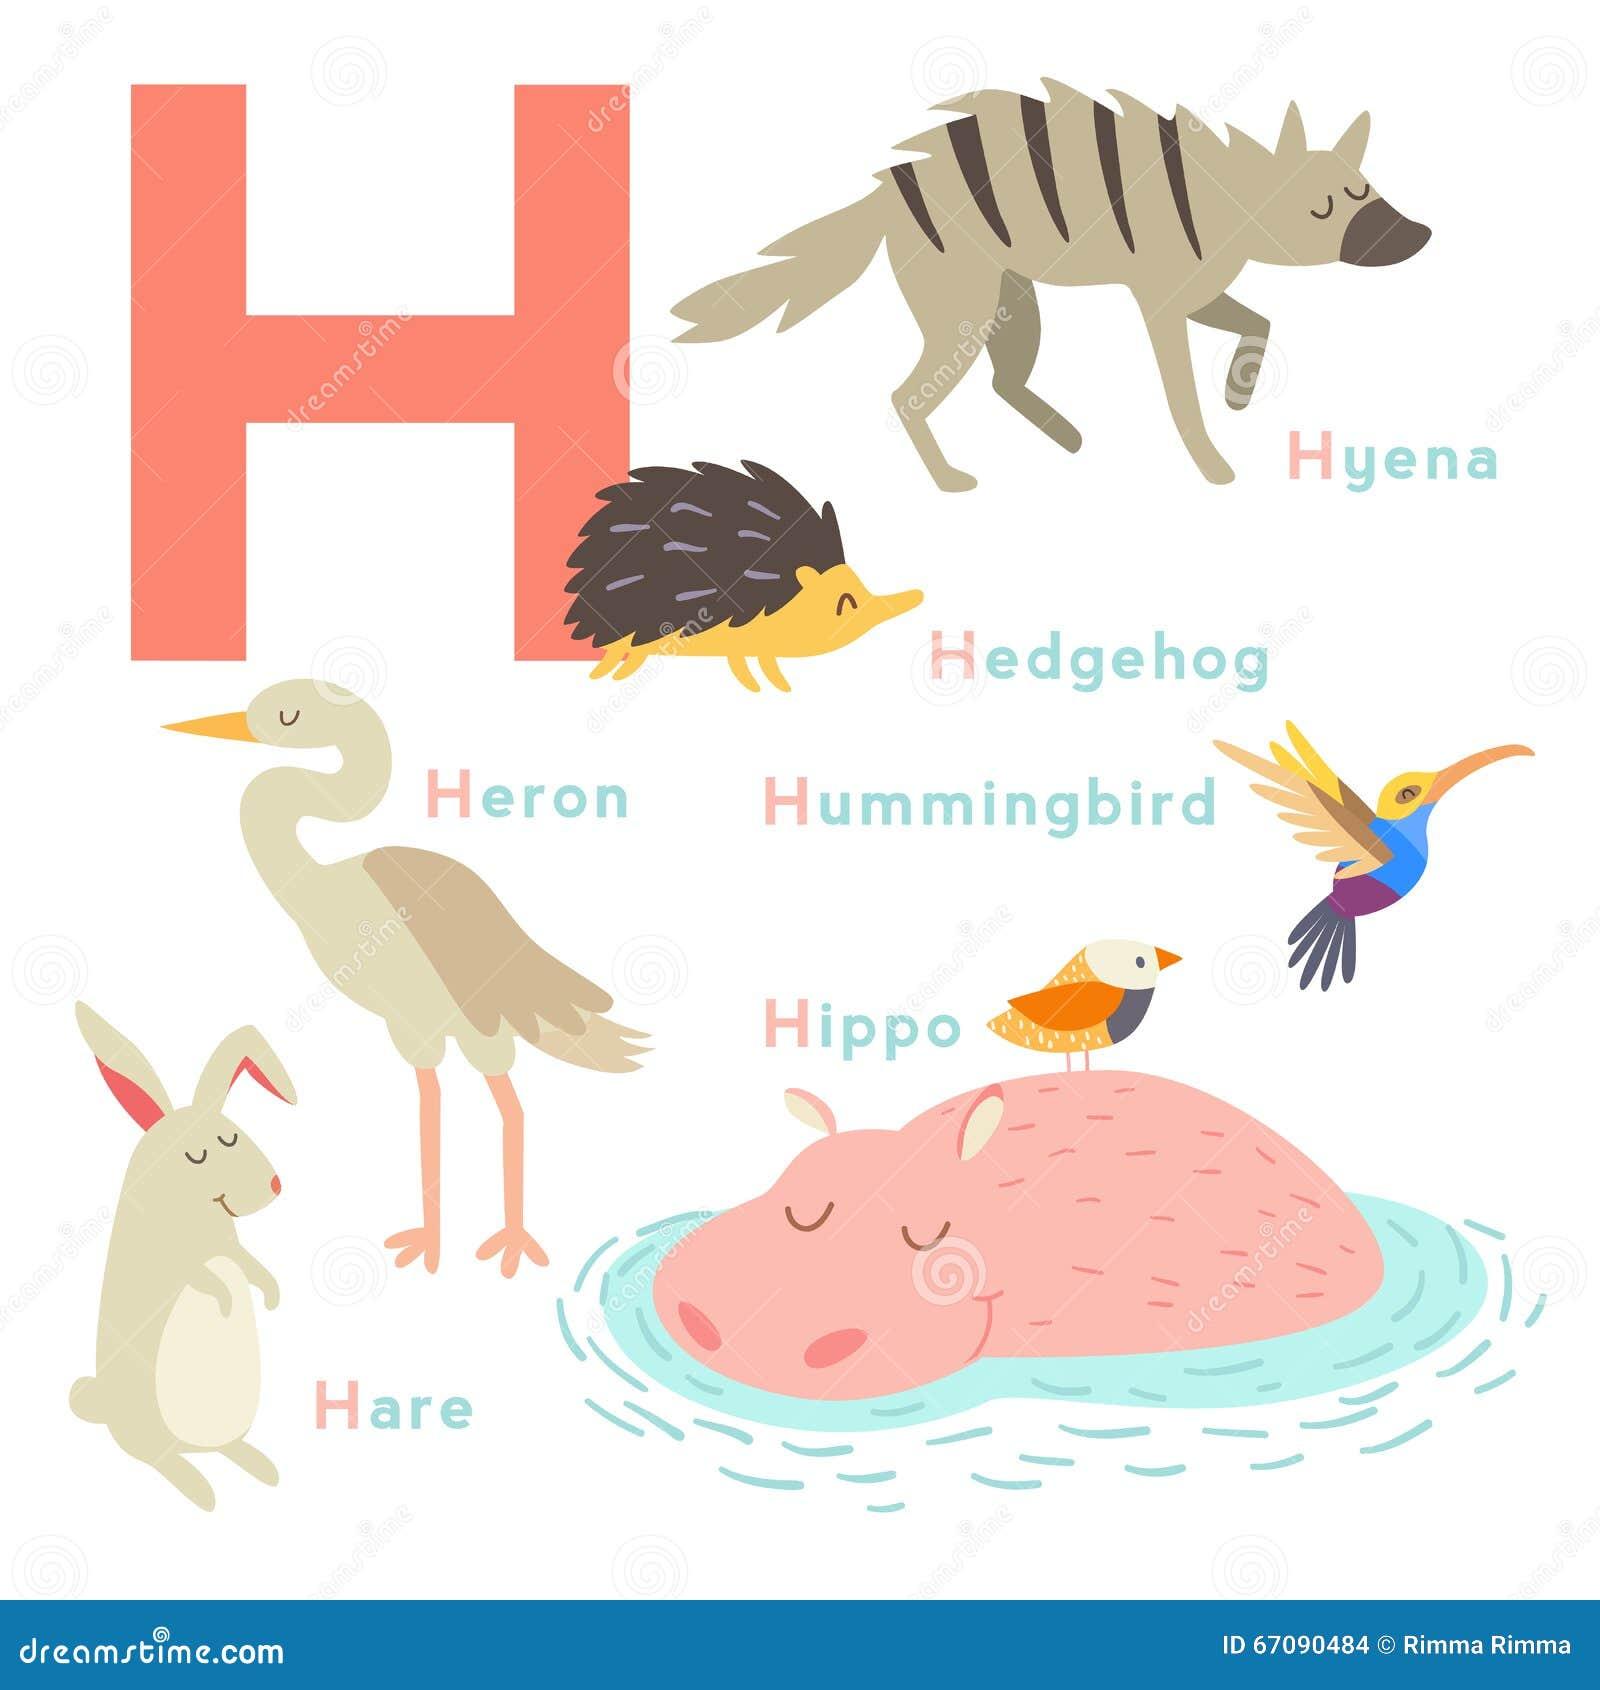 ¿Estás buscando nombres de animales con la letra H? Esta es sin lugar a dudas una excelente idea pues para respetar nuestro medio ambiente antes conviene conocerlo mejor, por ejemplo, siendo conscientes de la gran biodiversidad que existe en el planeta tierra.